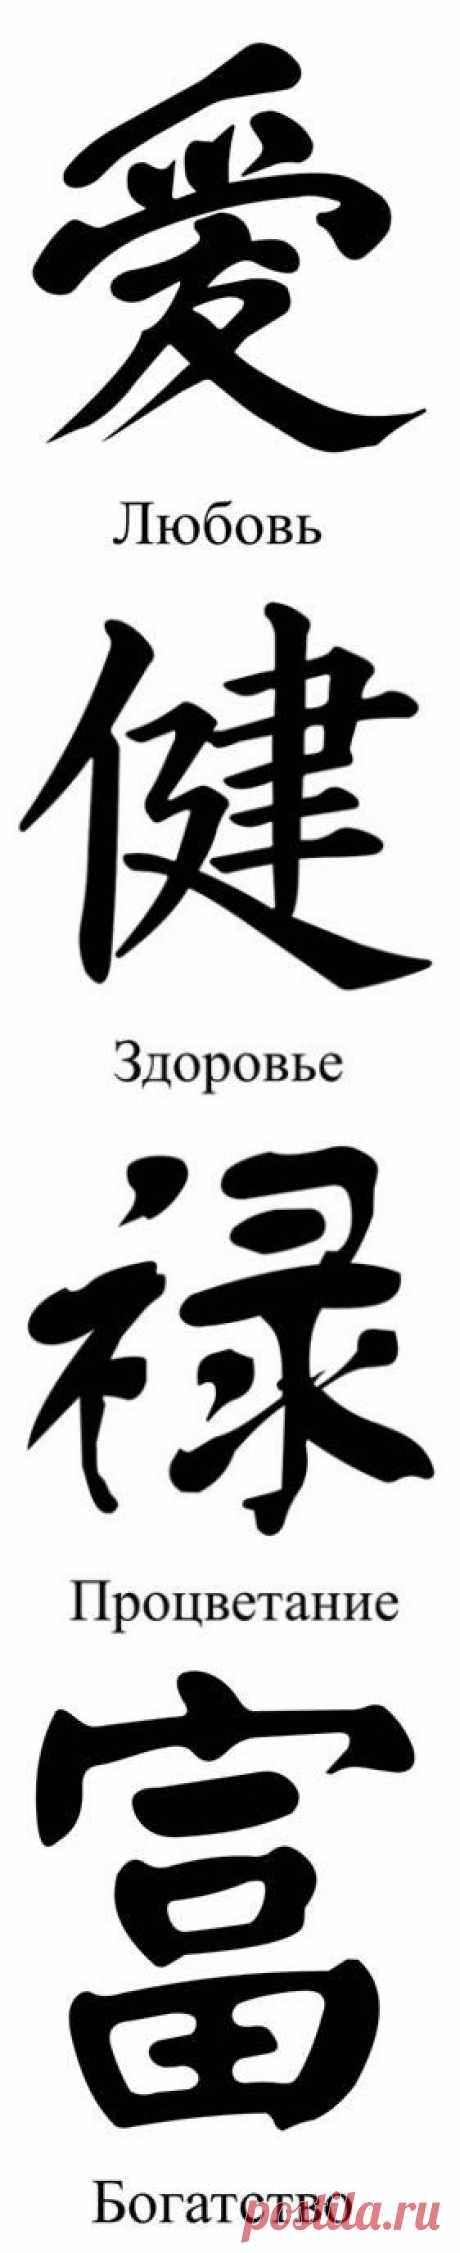 Трафареты иероглифов (для фэн-шуй).